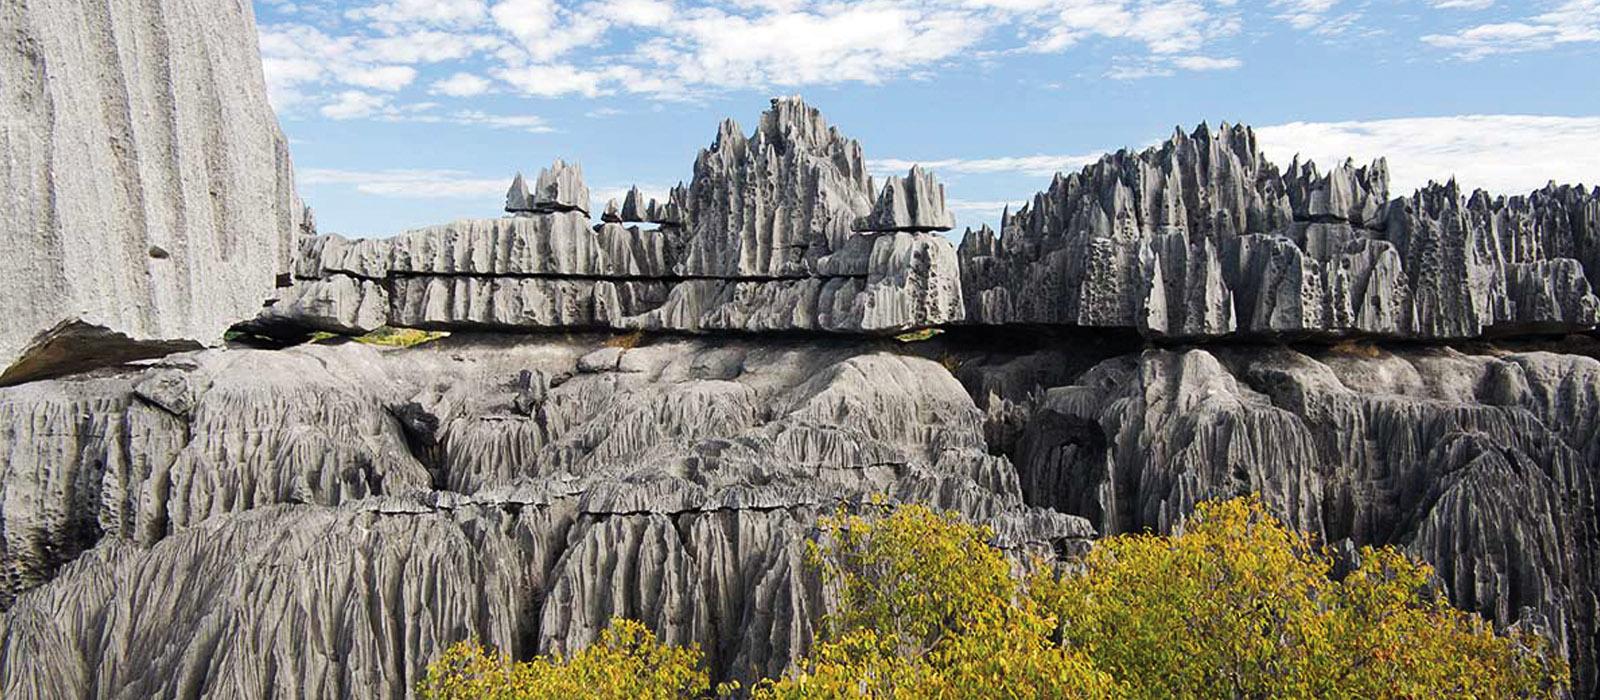 Khung cảnh ấn tượng của rừng đá 2